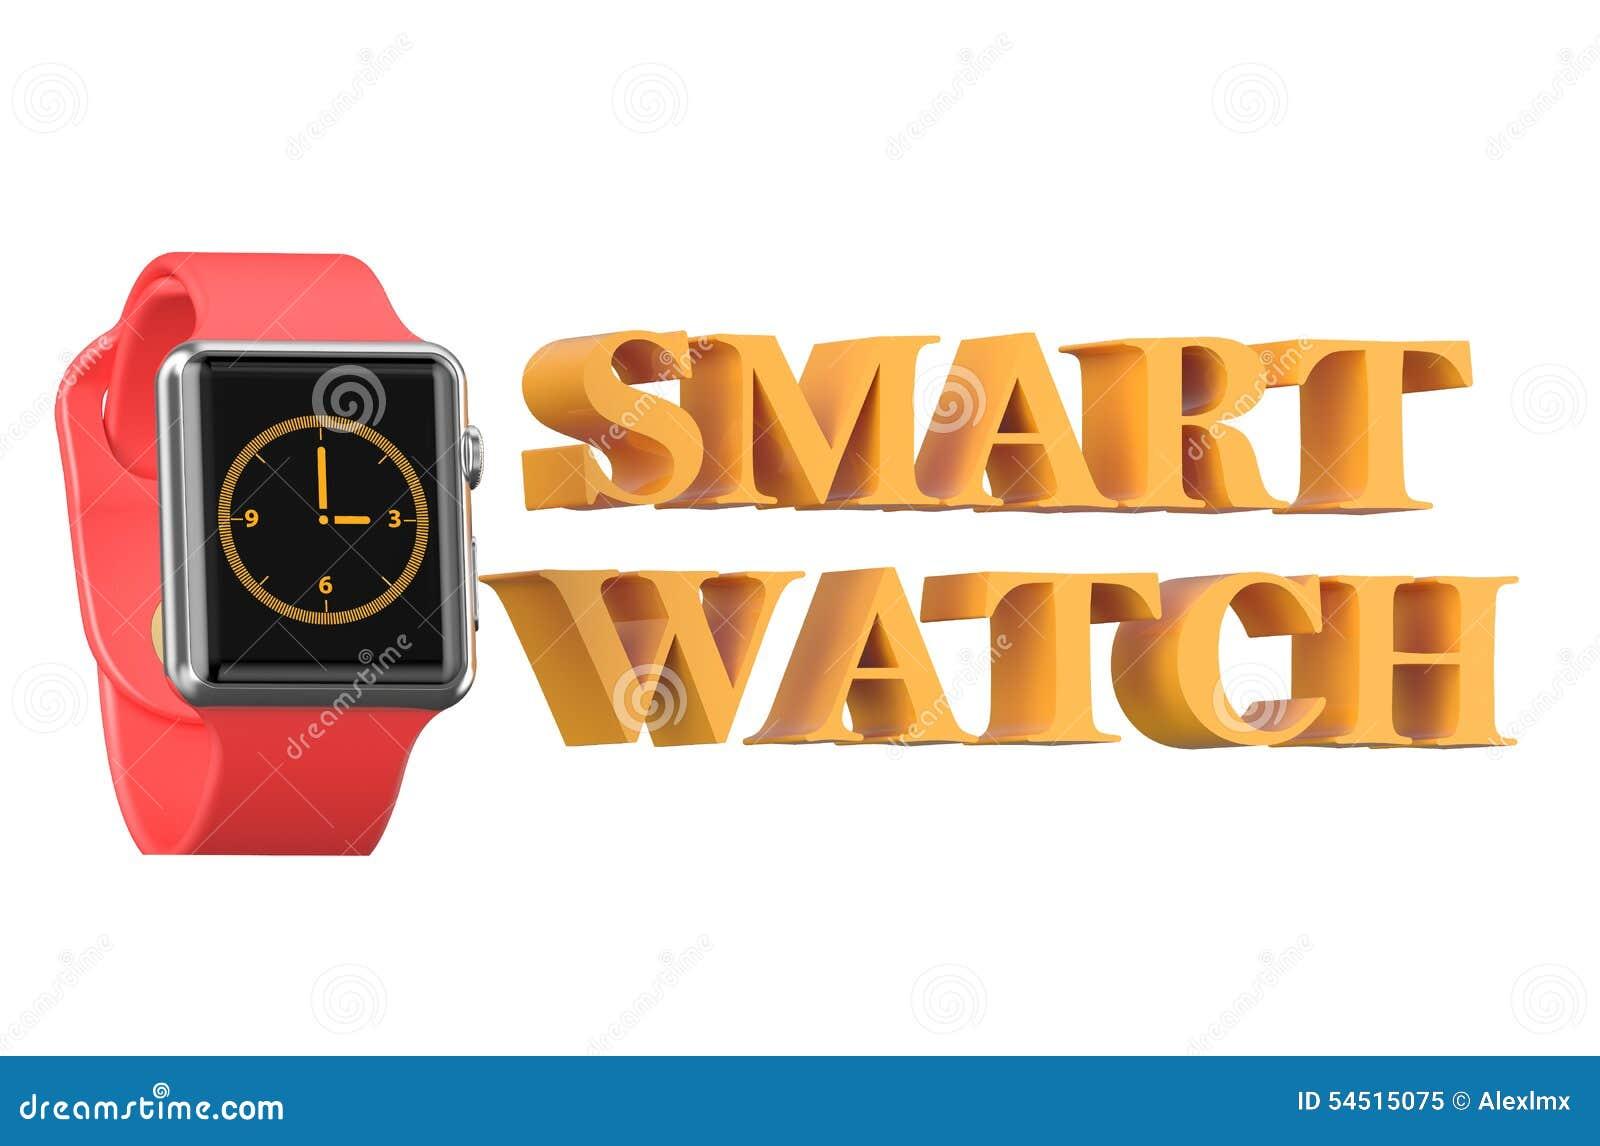 Nuevo smartwatch rojo